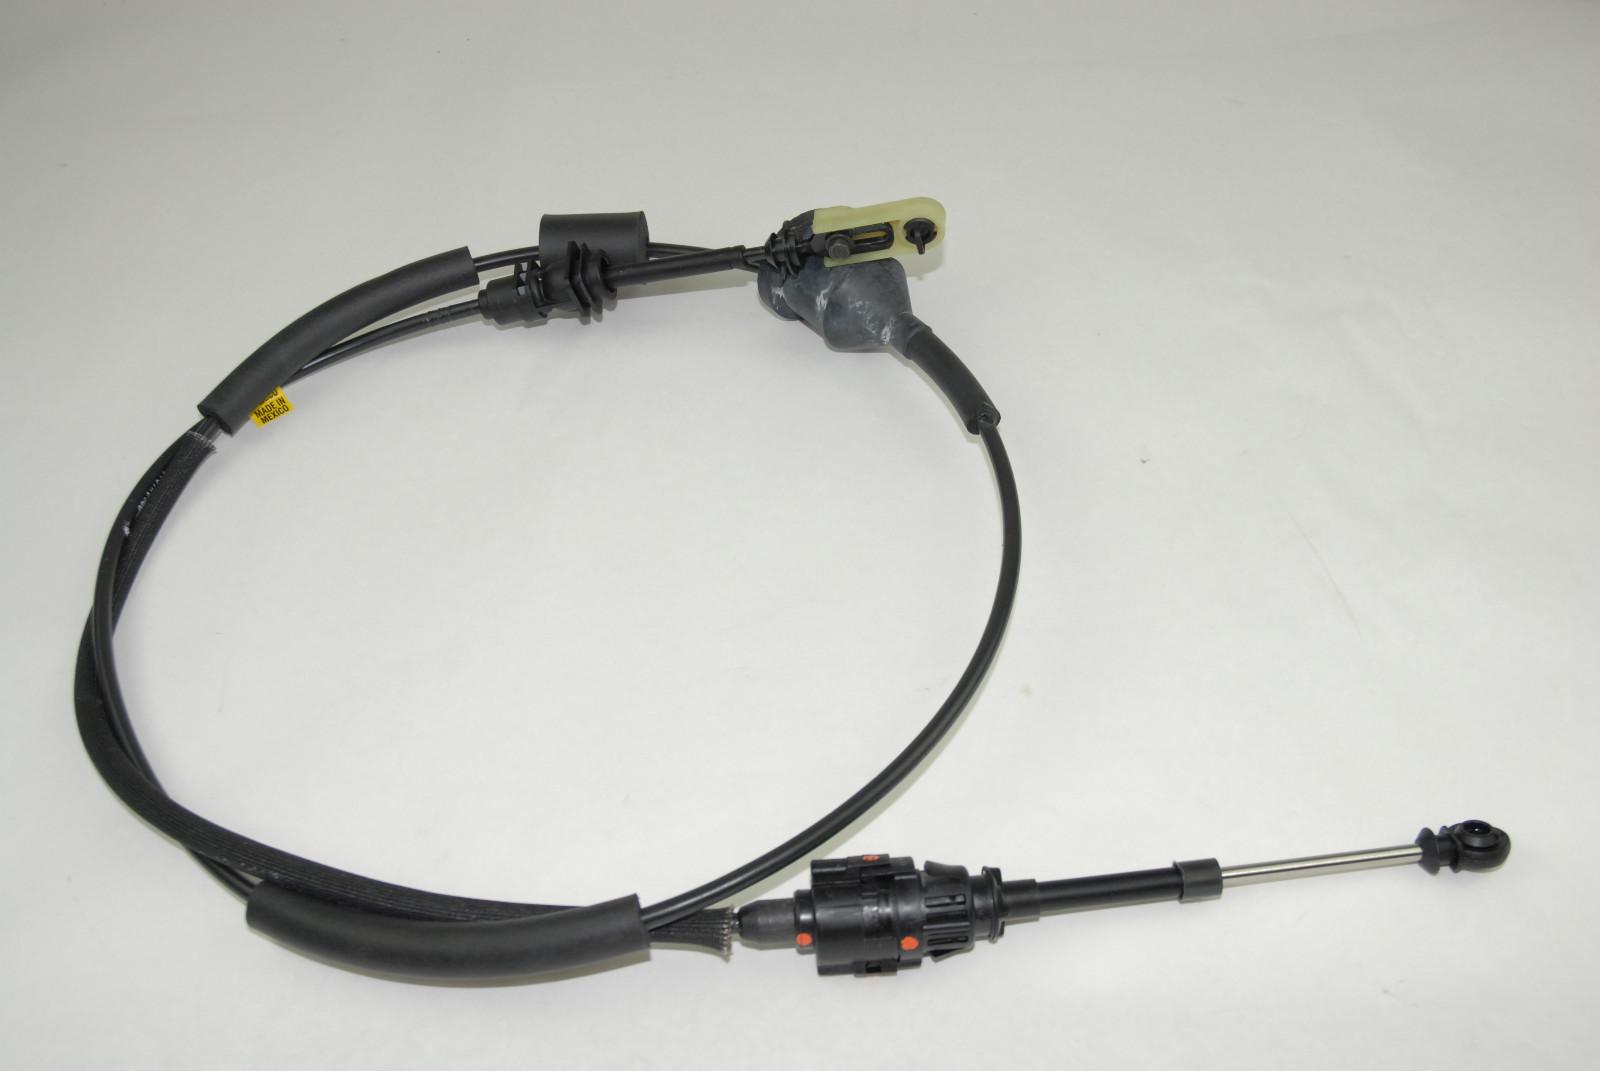 chrysler oem transmission gear shifter shift control cable 4578073ad ebay. Black Bedroom Furniture Sets. Home Design Ideas